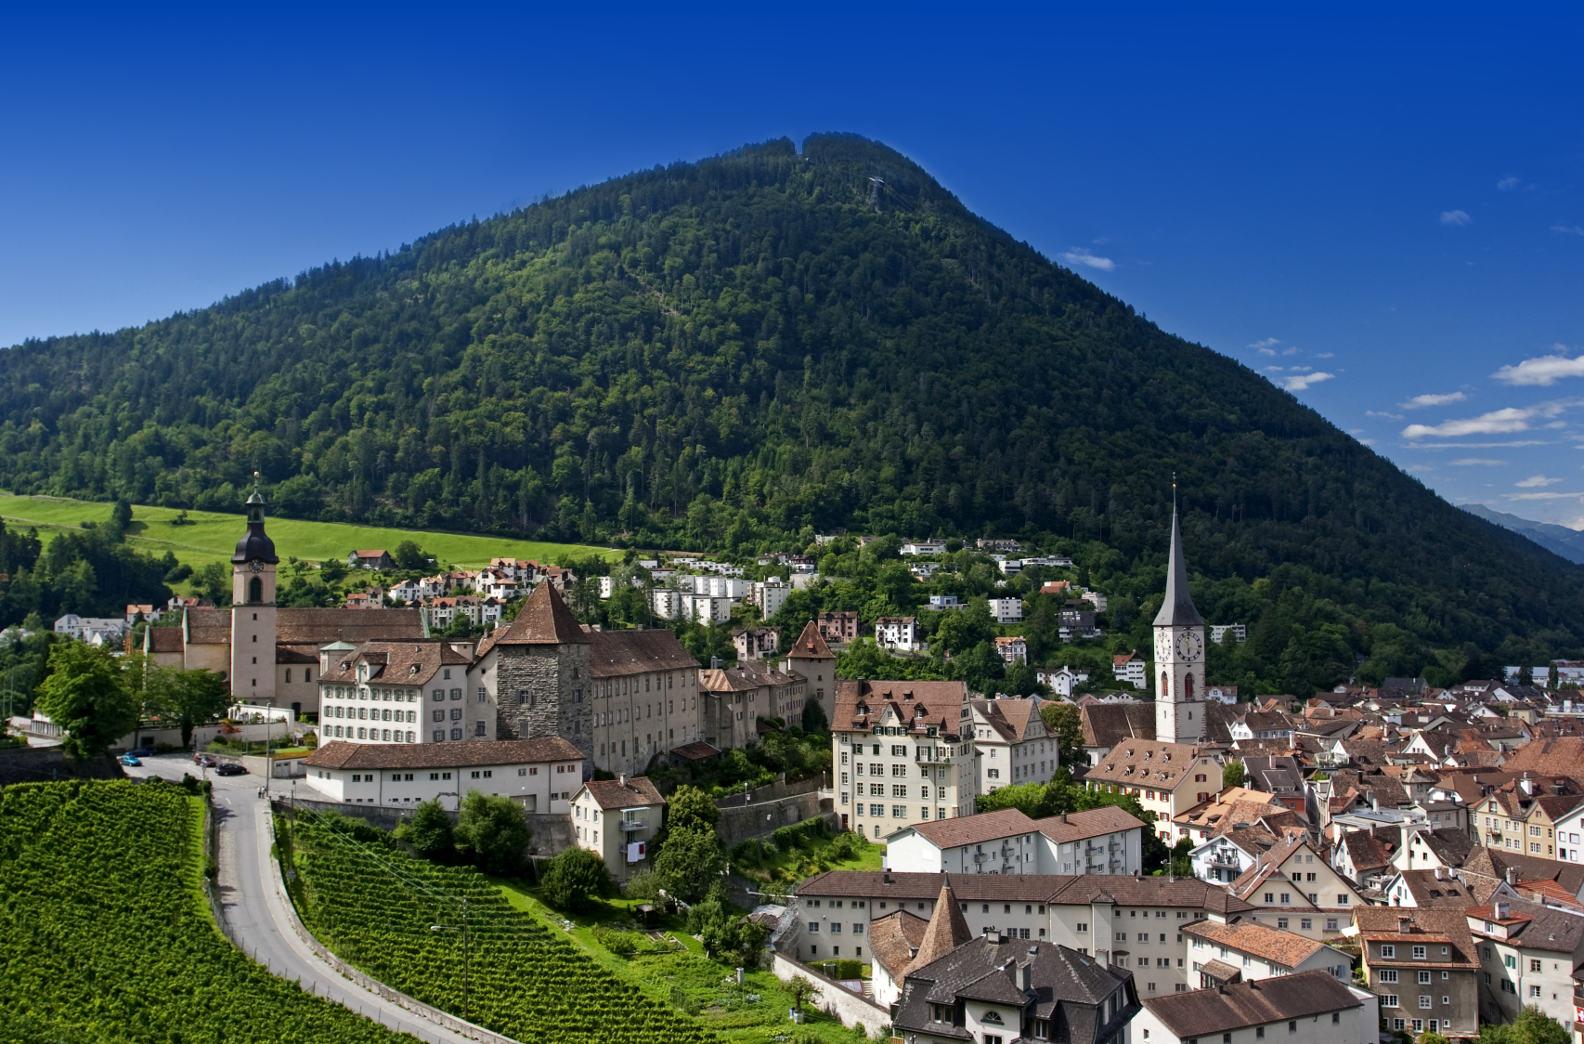 Vacanze in montagna d 39 estate dove andare urbanpost for Vacanze in montagna